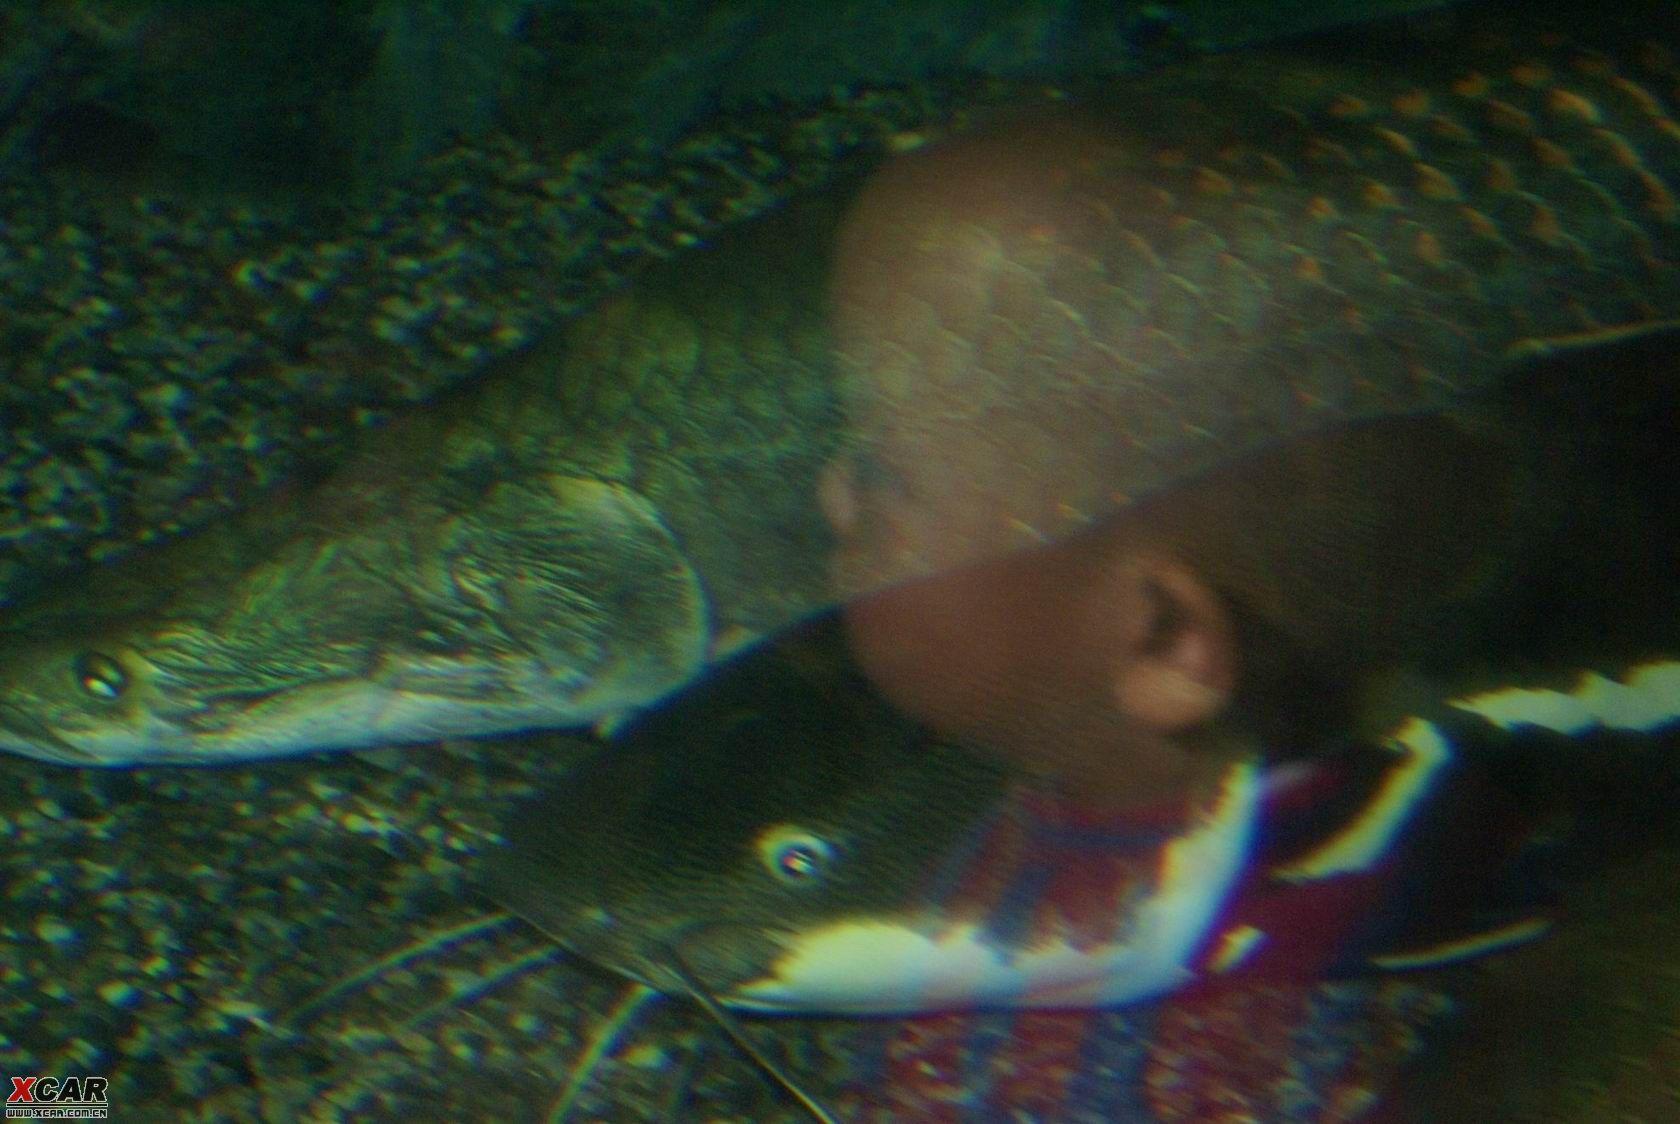 壁纸 动物 海底 海底世界 海洋馆 水族馆 鱼 鱼类 1680_1124